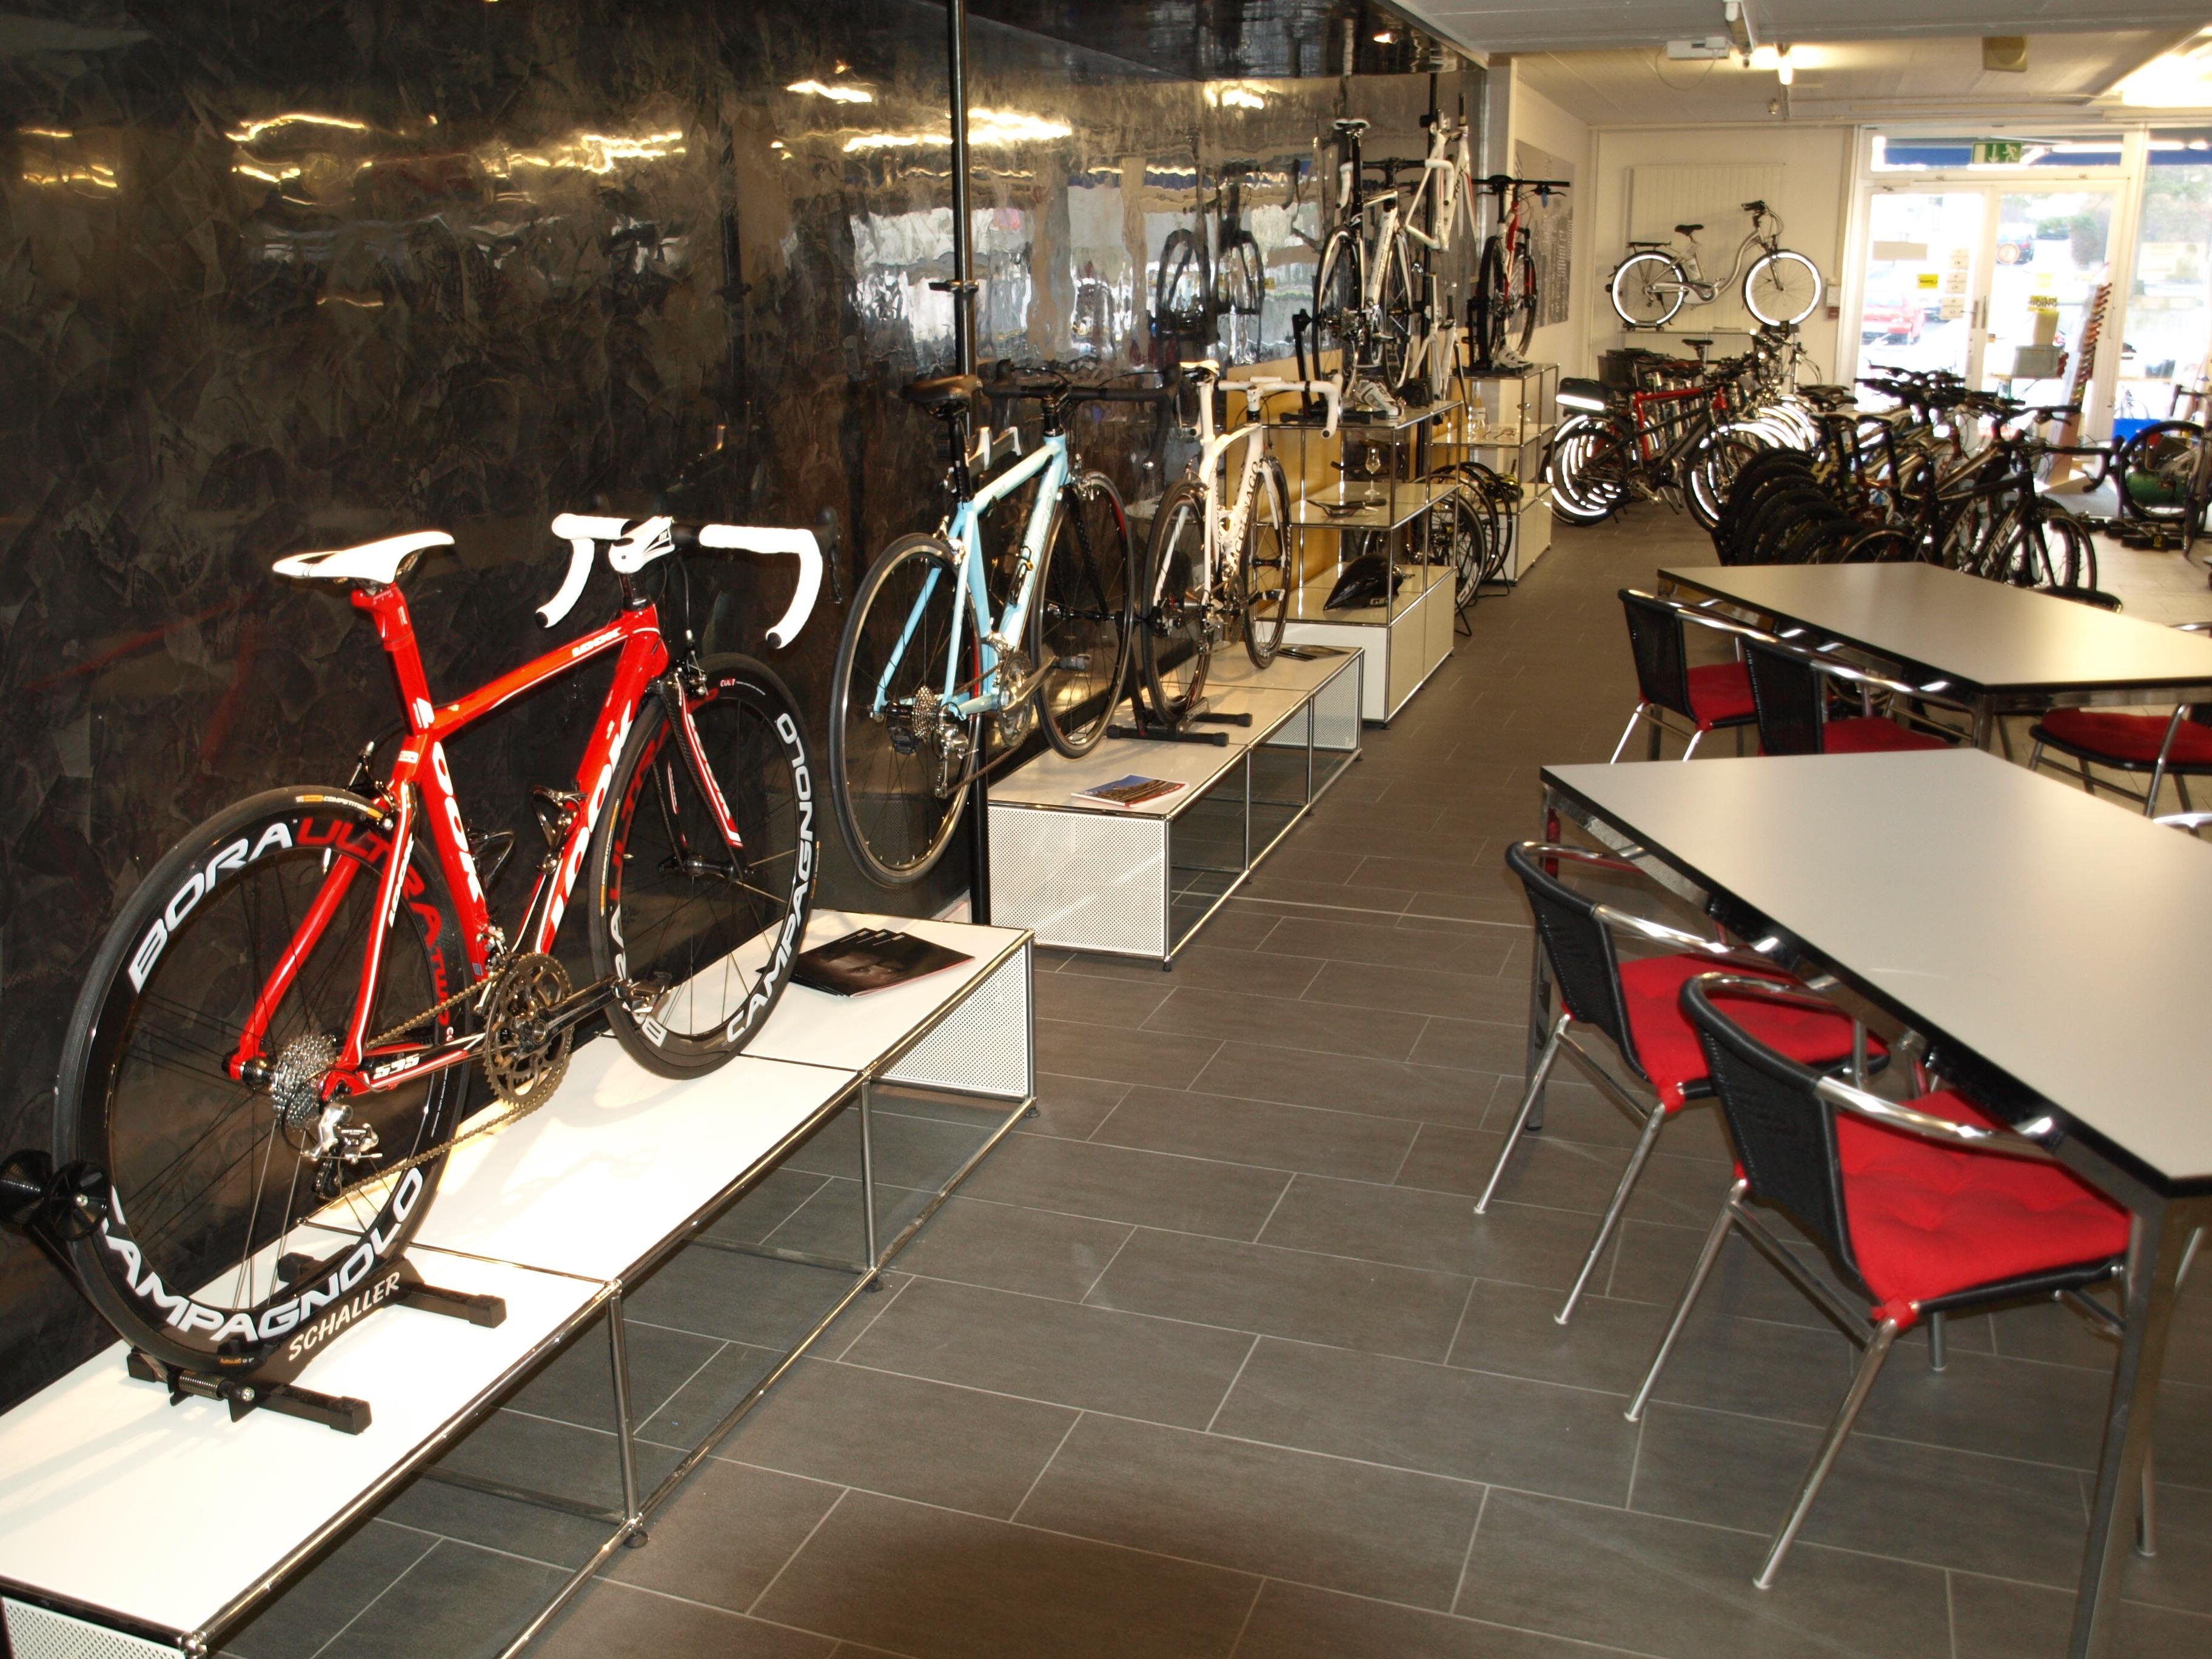 Radrennsport Schaller Nr. 1 in Bern